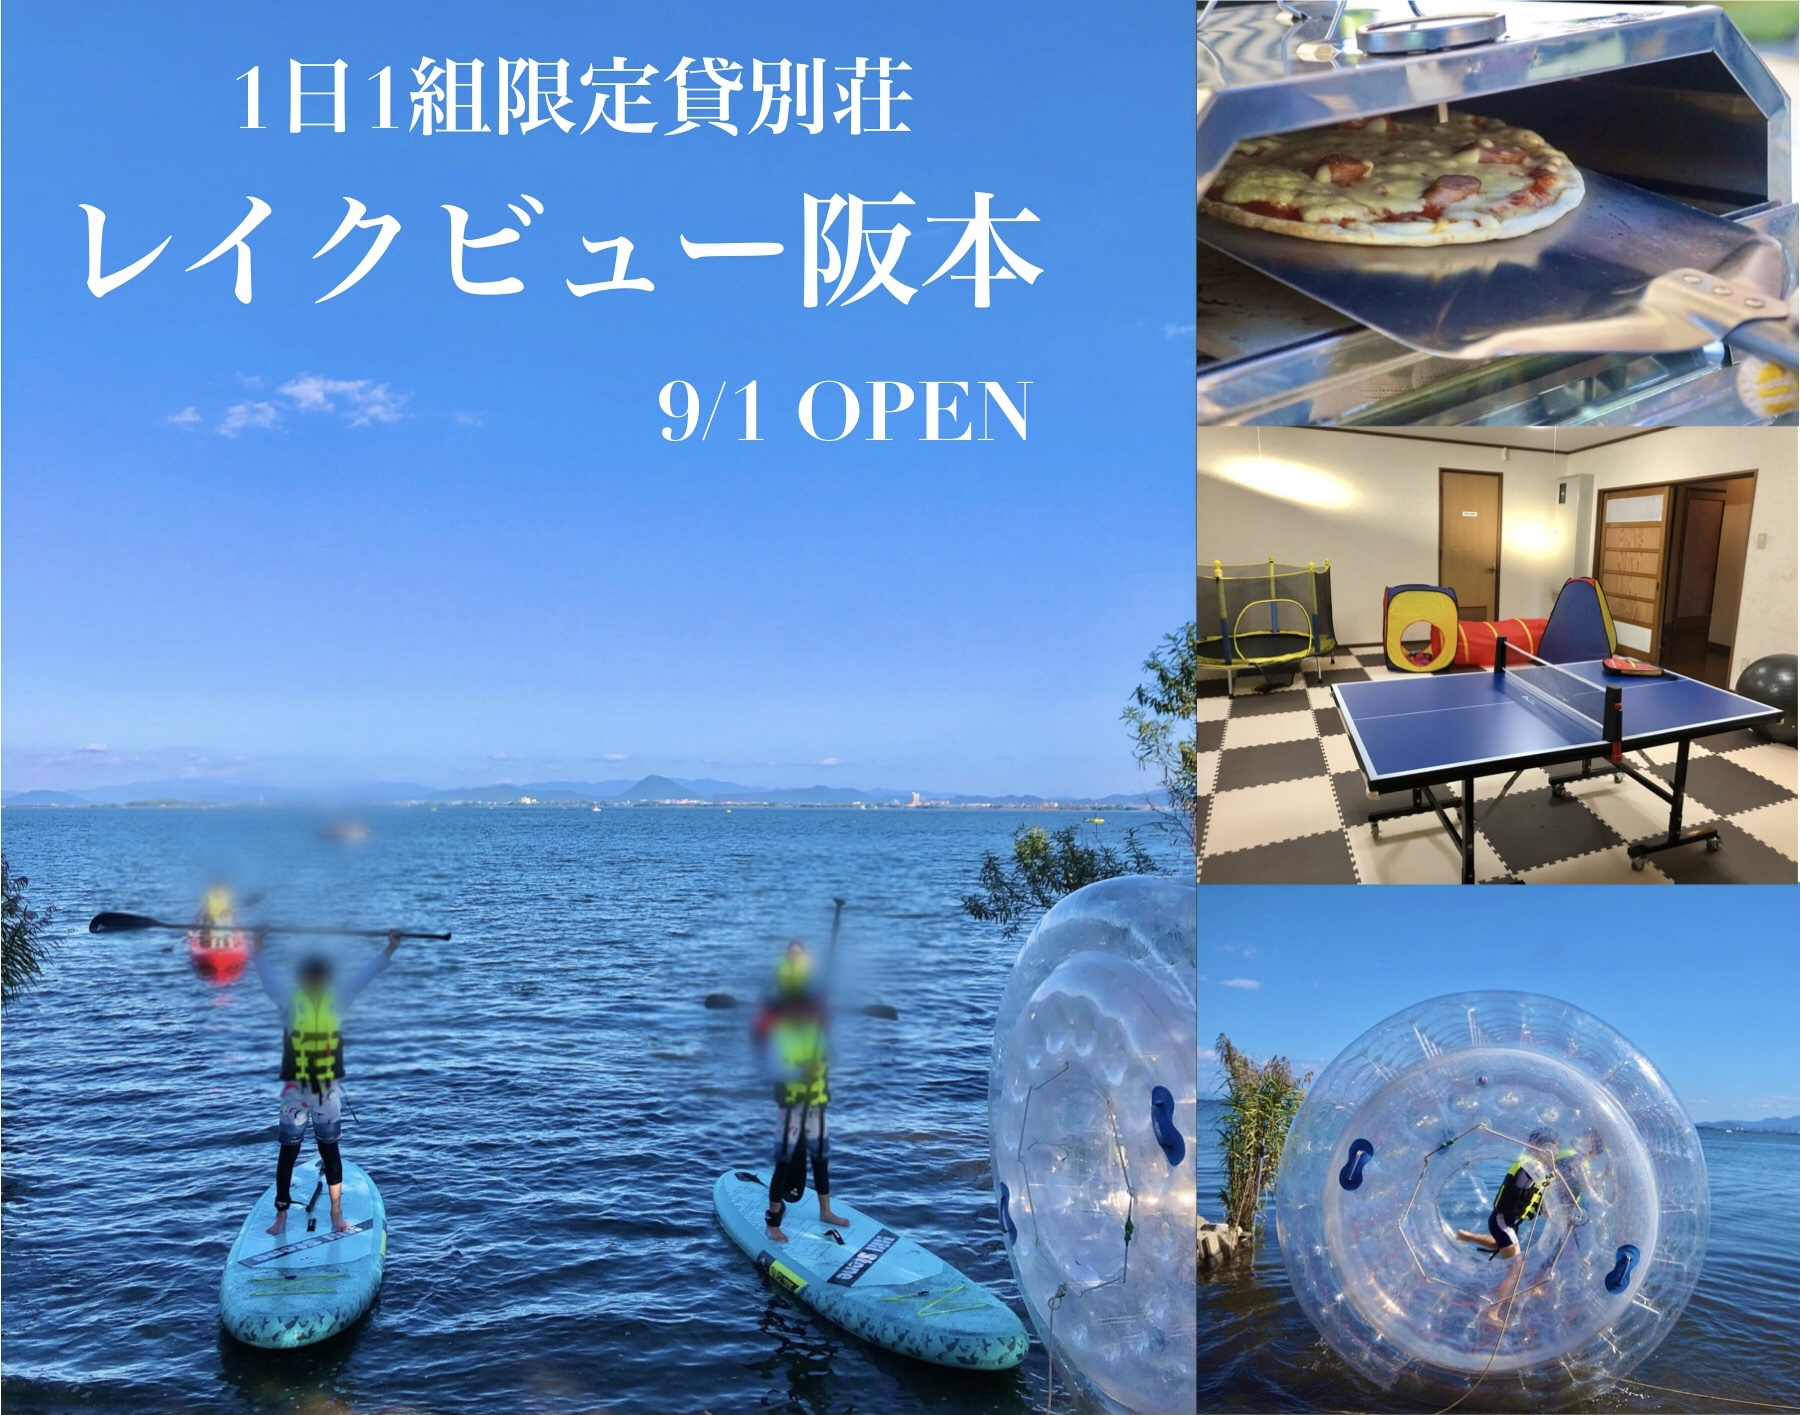 【9/1】プライベートビーチ付貸別荘[レイクビュー阪本]に行ってきた!貸切でBBQにウォーターアクティビティなど♪